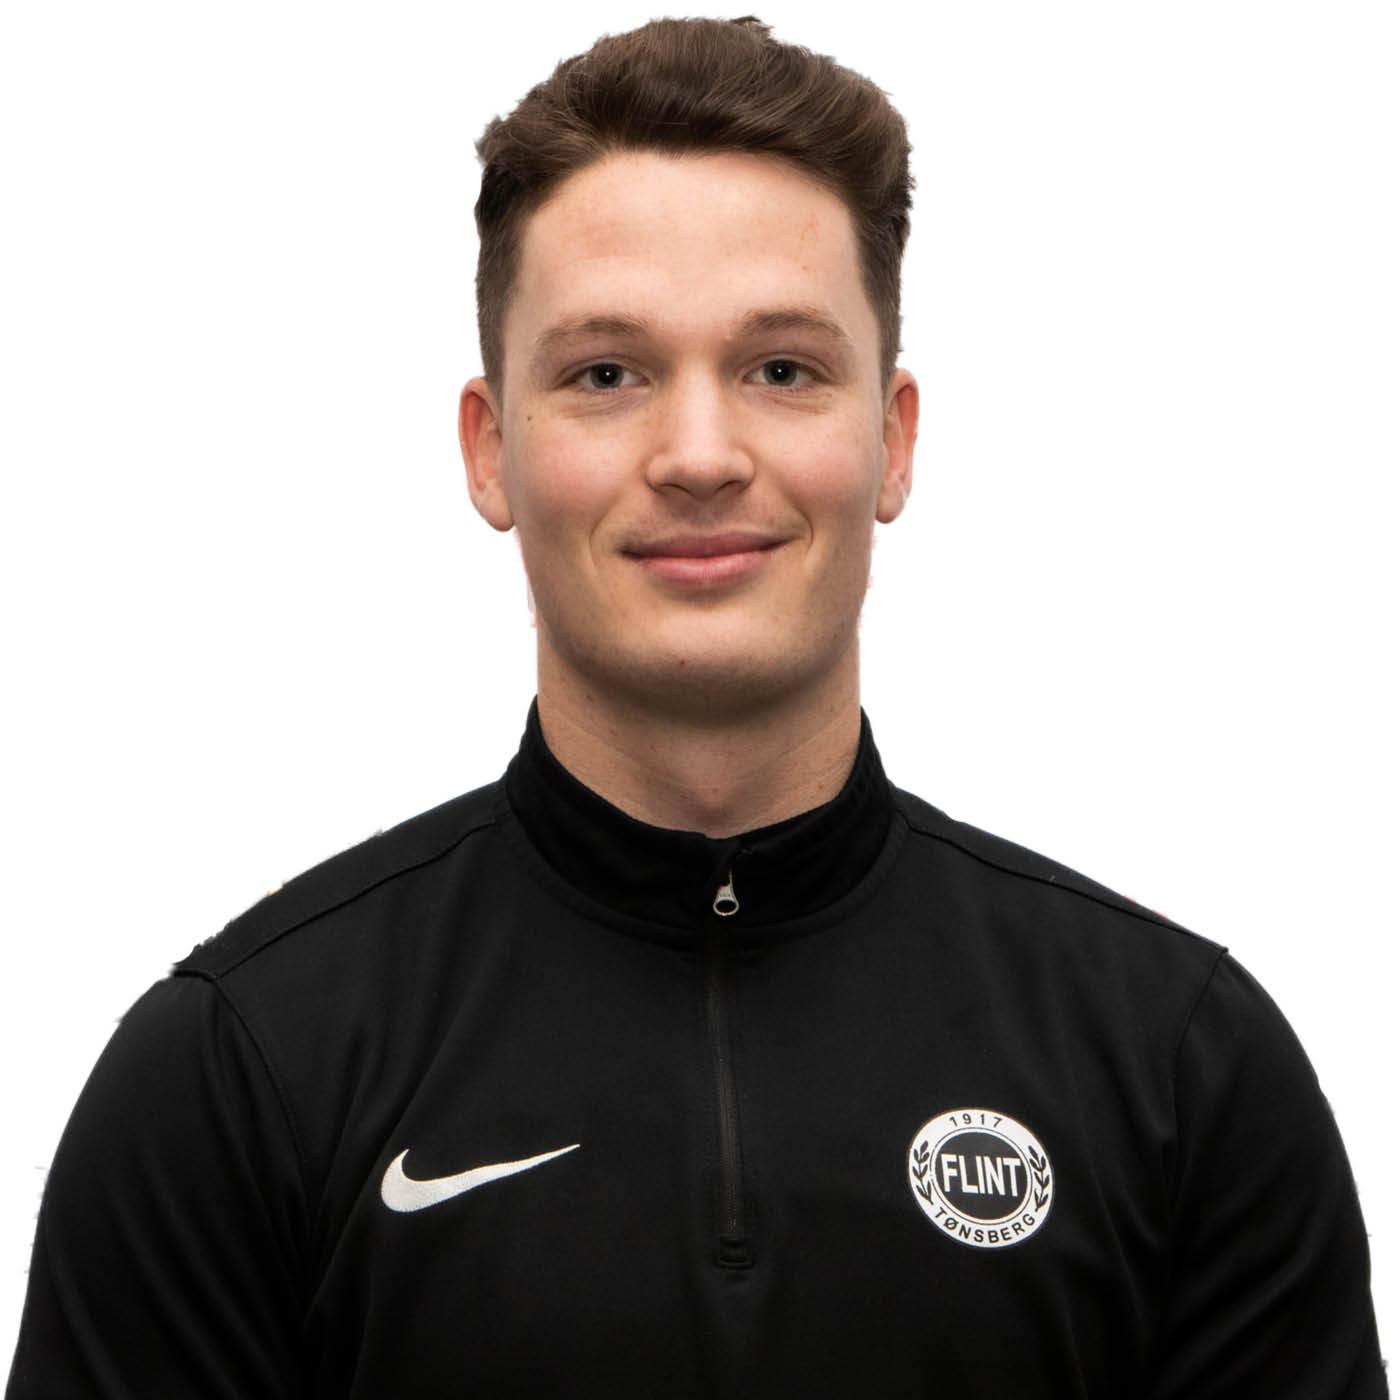 https://www.flintfotball.no/wp-content/uploads/2021/02/Petter-Johansen-kvadratisk-nettside.jpg